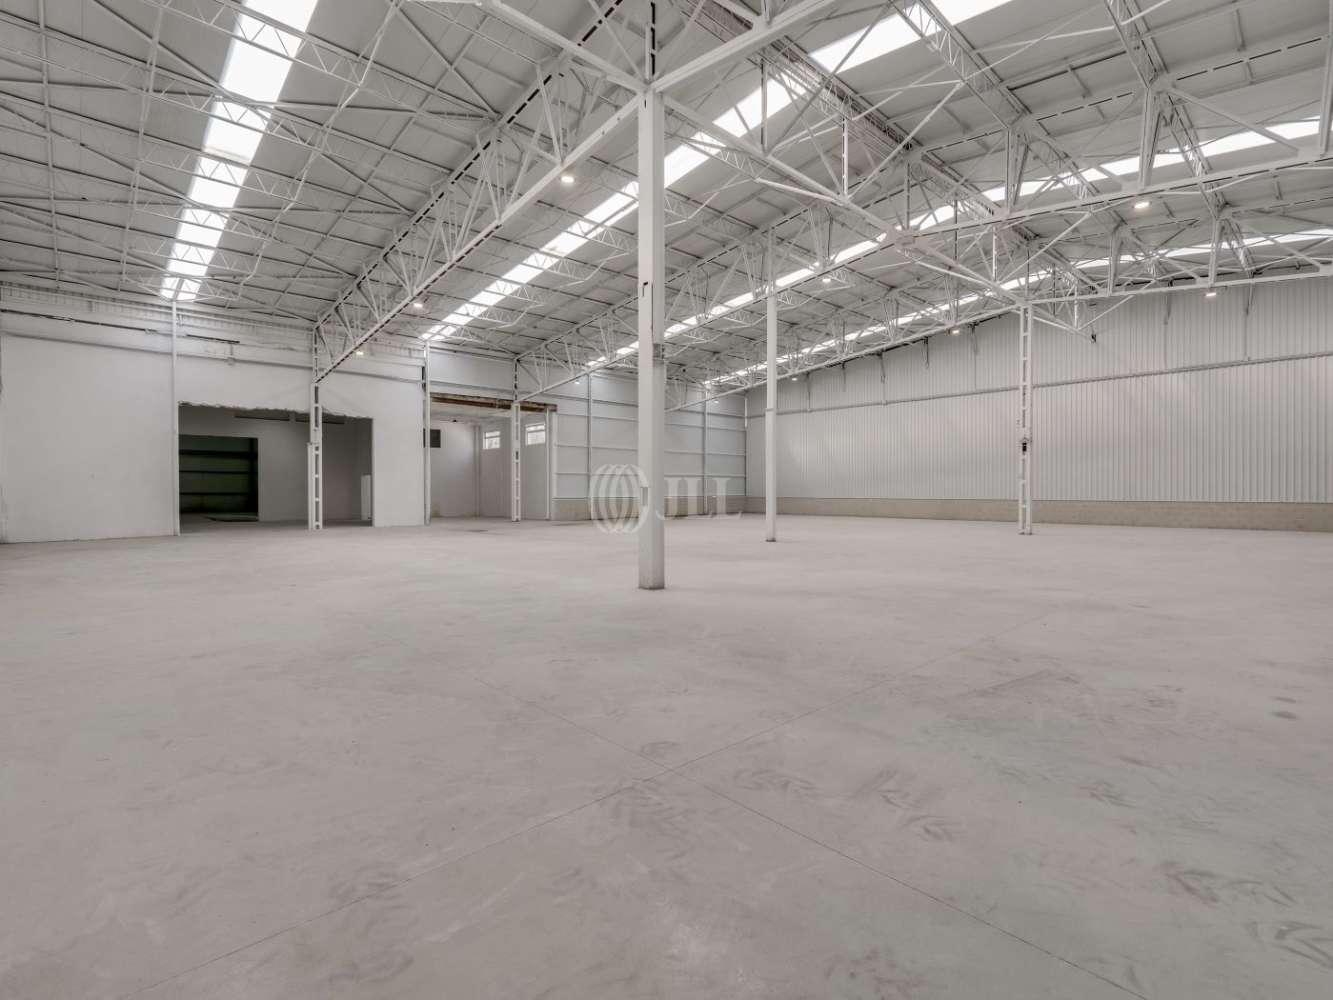 Naves industriales y logísticas Alcorcón, 28923 - Nave Industrial - M0173 - P.I. URTINSA 2 - 22531